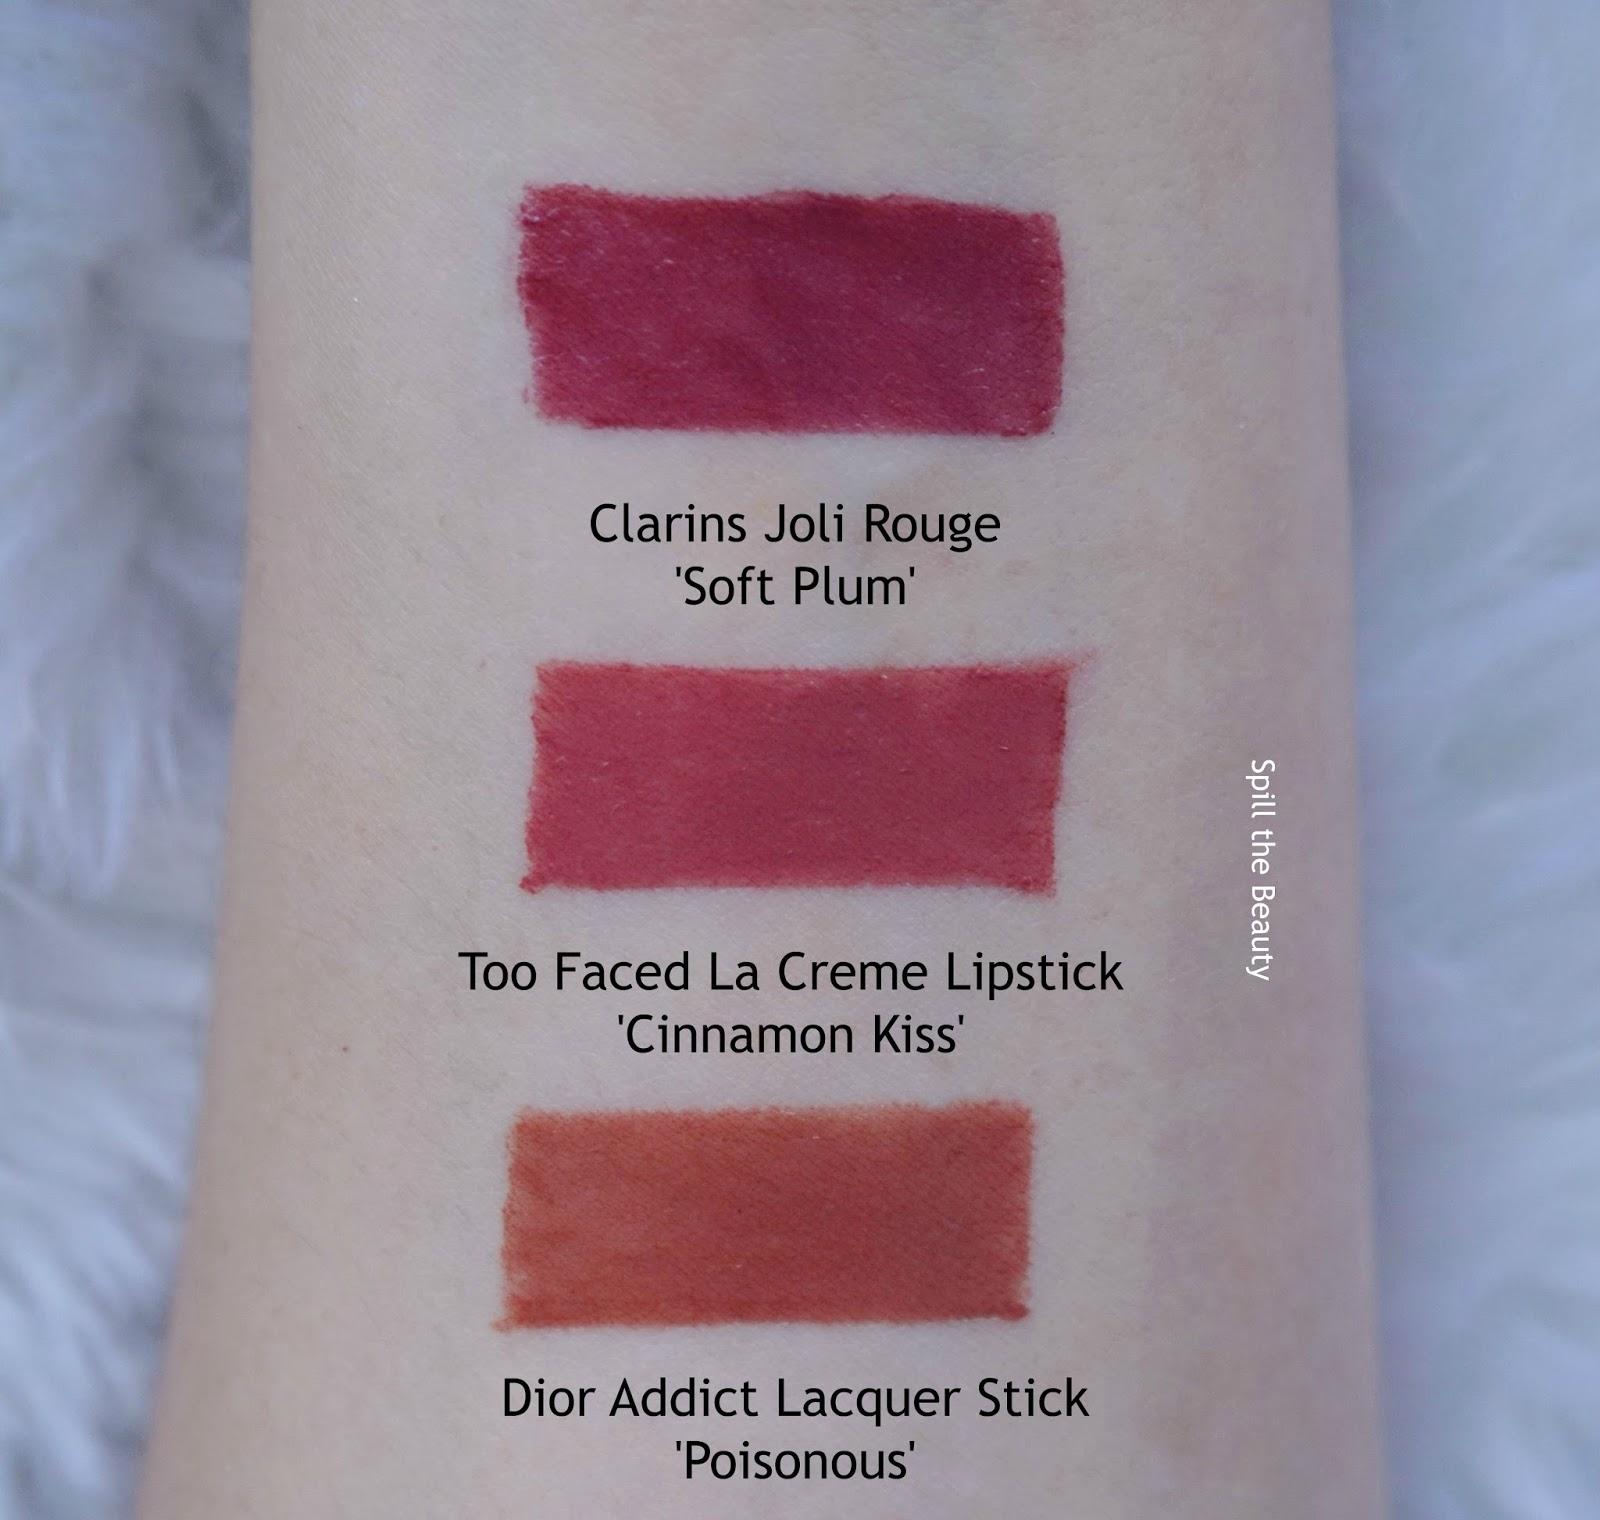 too faced la creme lipstick cinnamon kiss swatch comparison dupe clarins soft plum dior lacquer stick poisonous